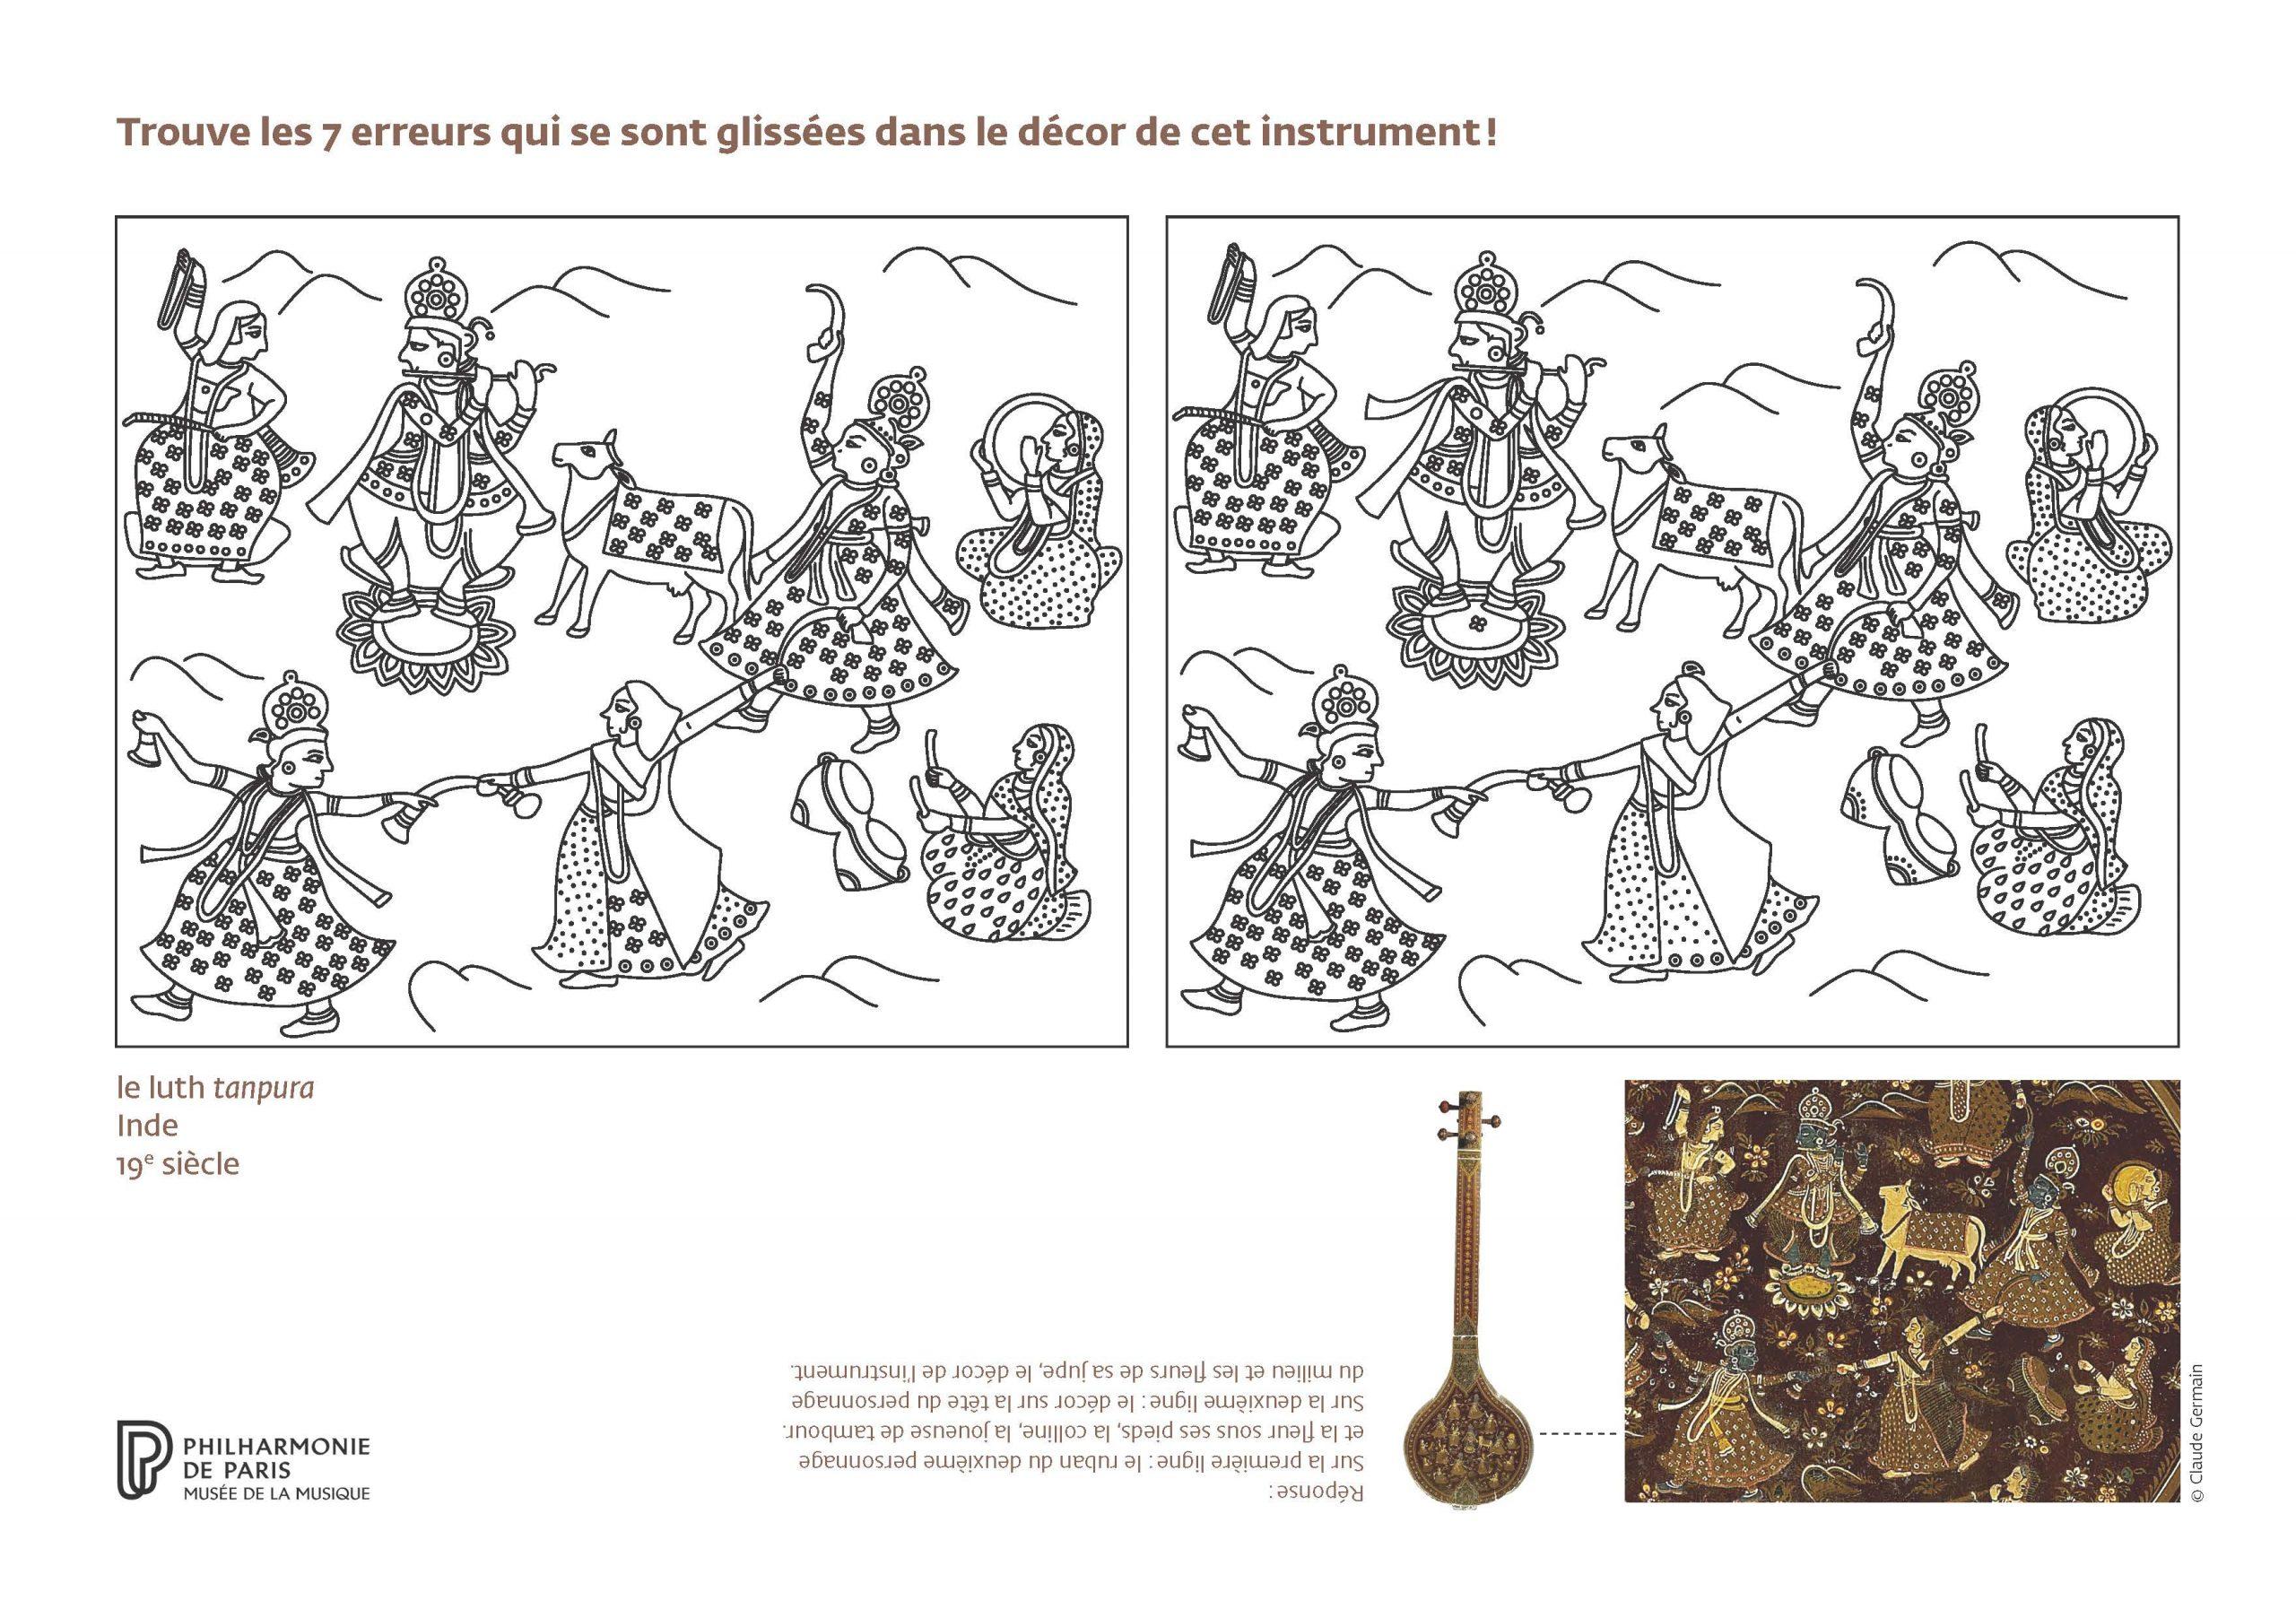 Jouez Avec Les Instruments Du Musée ! | Philharmonie De Paris concernant Trouver Les Erreurs À Imprimer